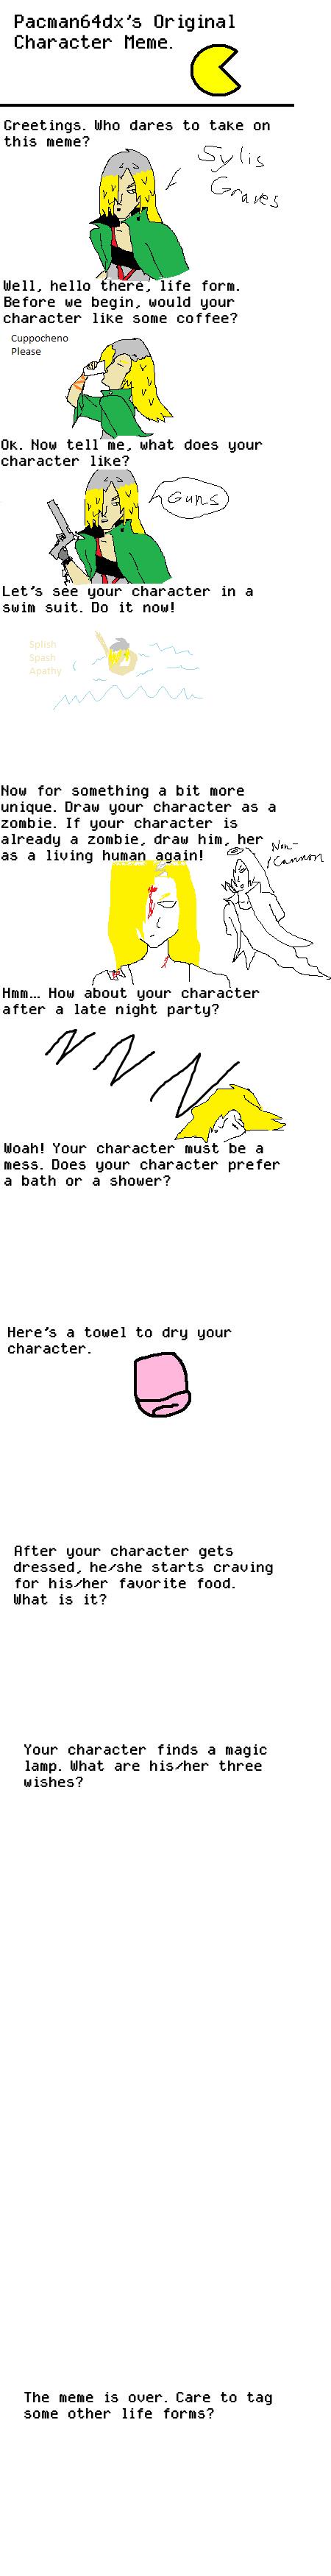 Character OC Meme incomplete by truegamer